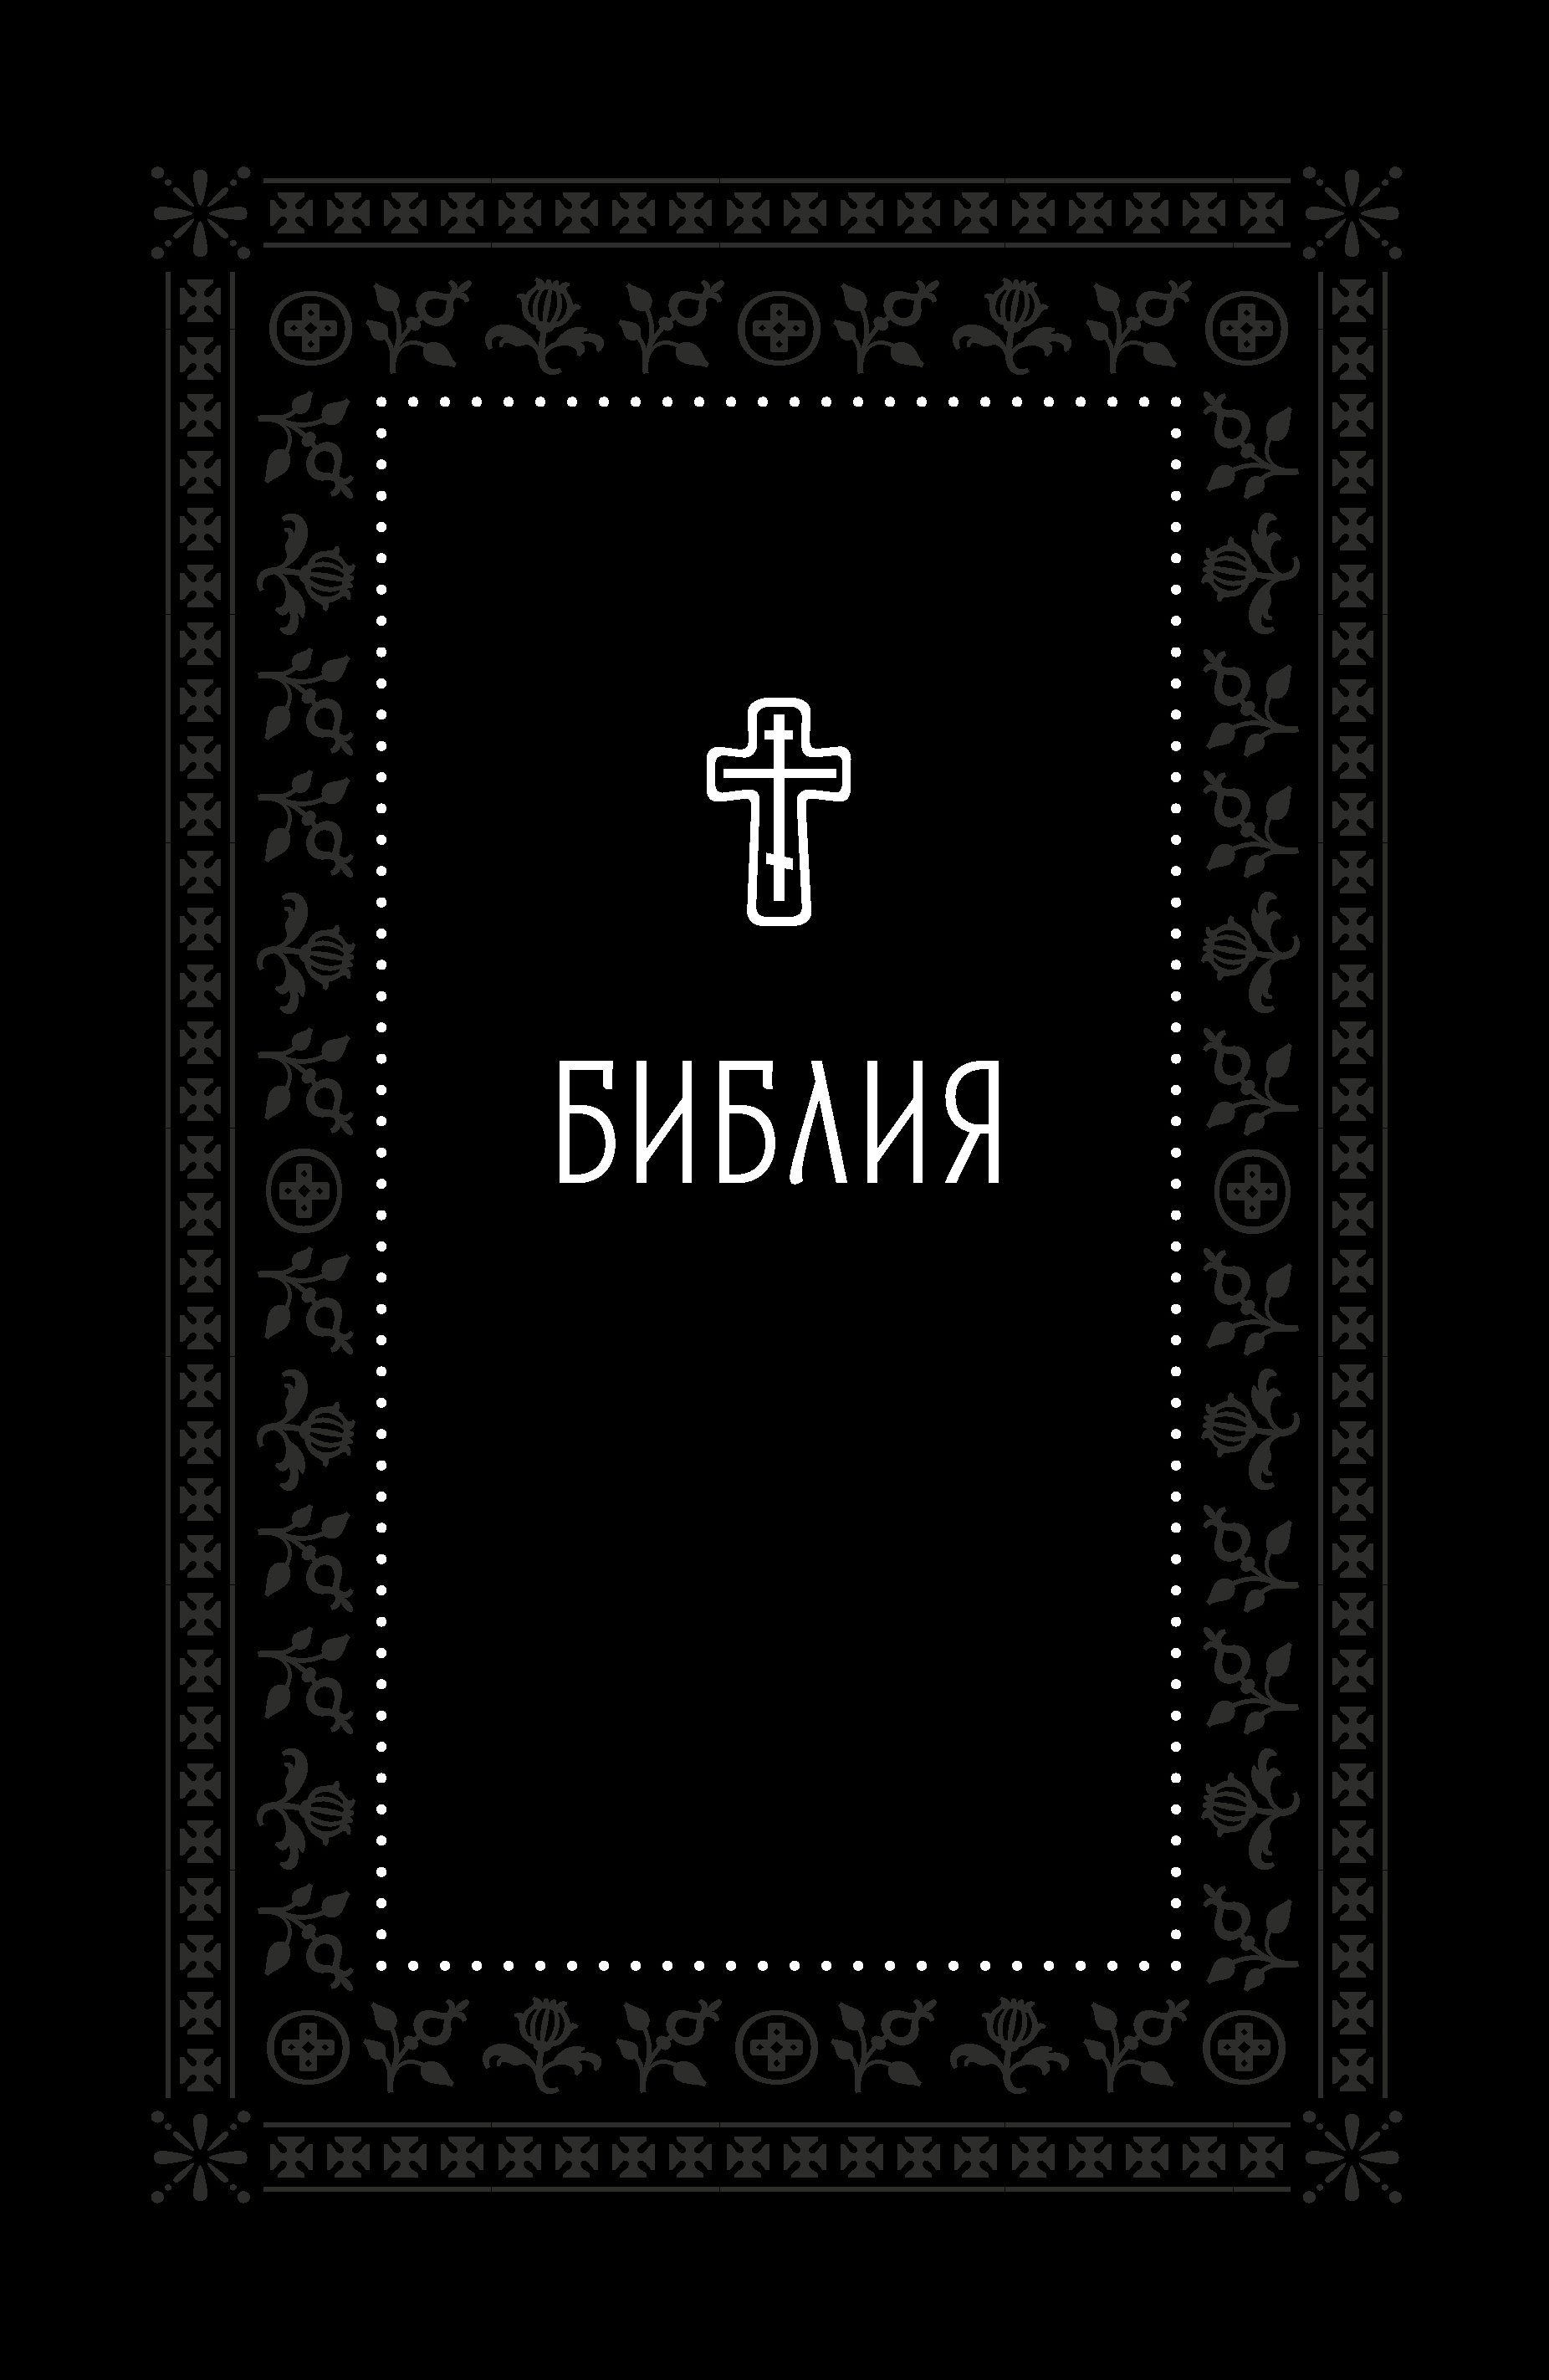 Библия. Книги Священного Писания Ветхого и Нового Завета. Серебряная серия